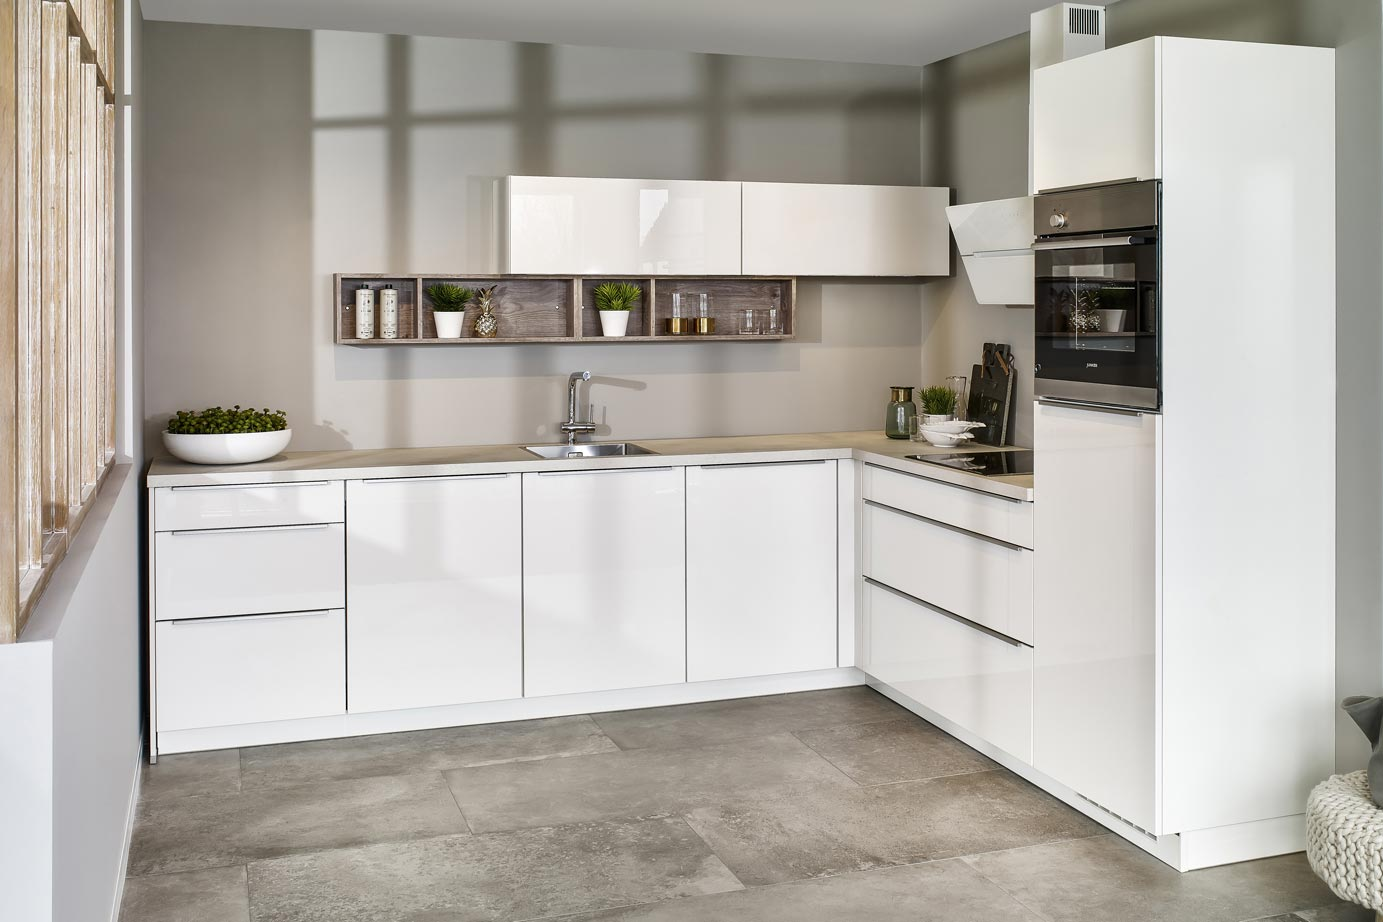 Design Hoogglans Keuken : Hoogglans keuken bekijk voorbeelden ook in wit db keukens